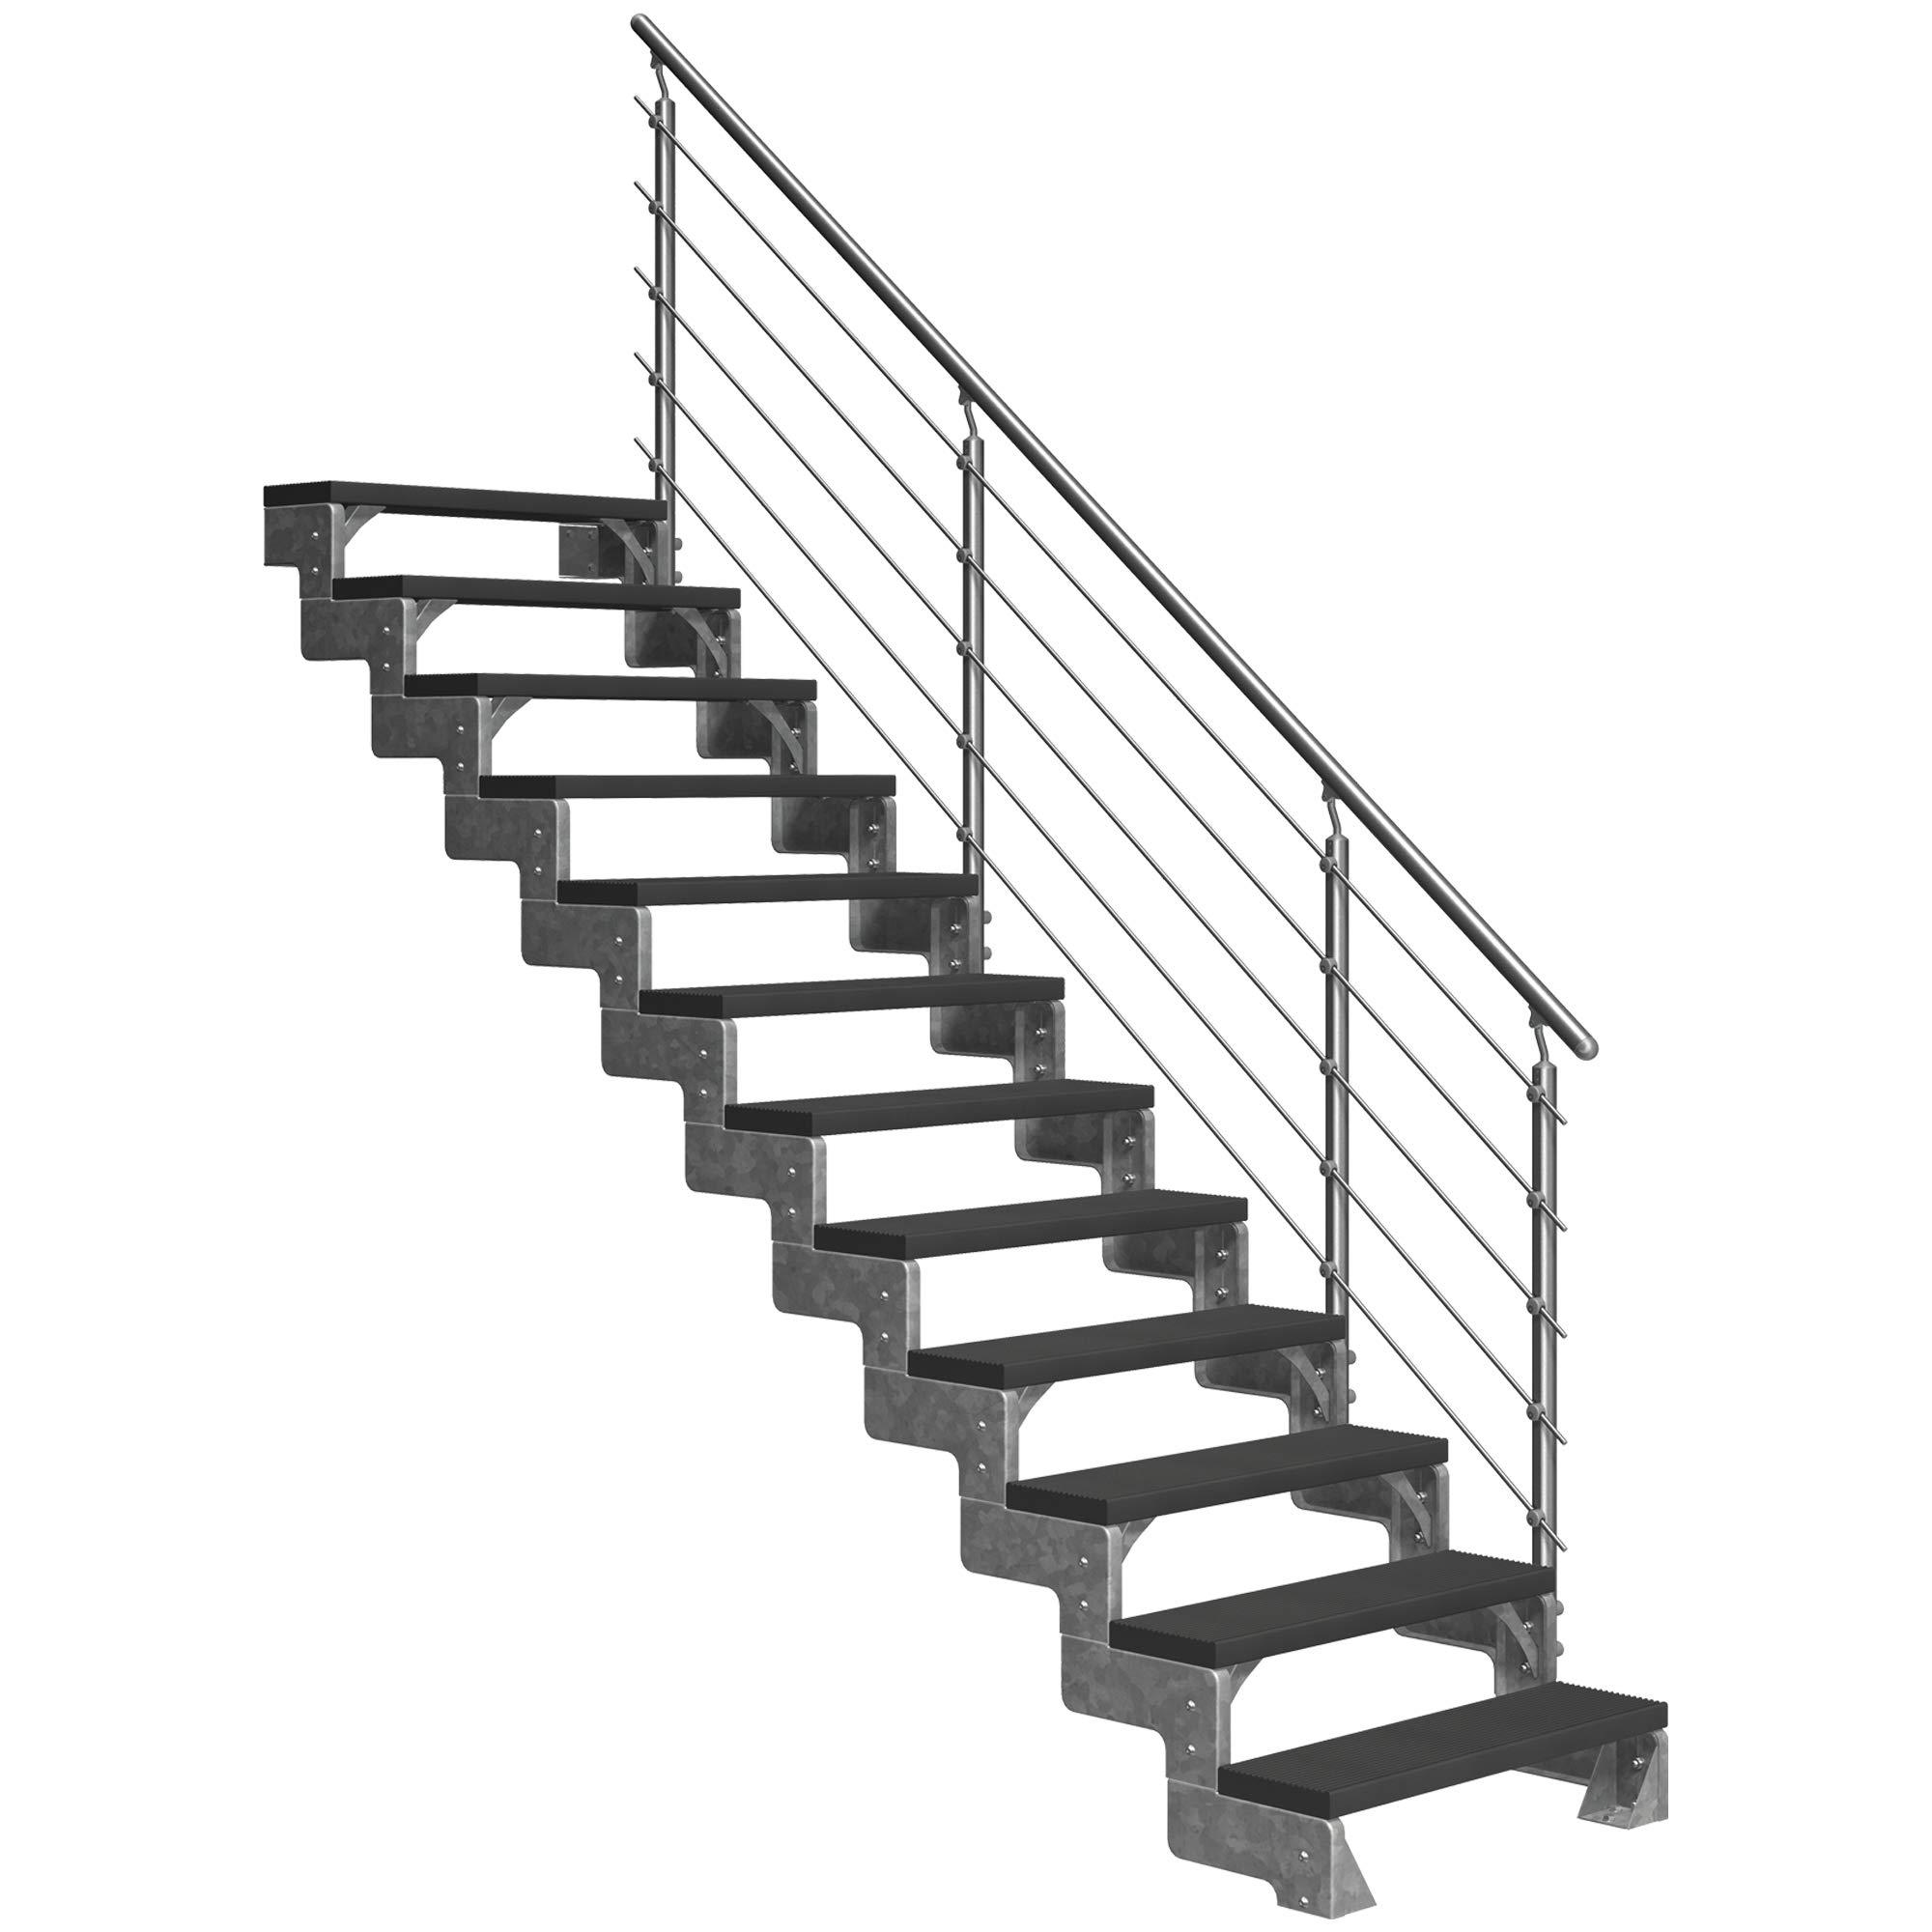 Dolle - Escalera para exteriores con 12 peldaños, altura de planta: 216-264 cm, Trimax® reposapiés de color antracita, 100 cm, con barandilla Prova: Amazon.es: Bricolaje y herramientas